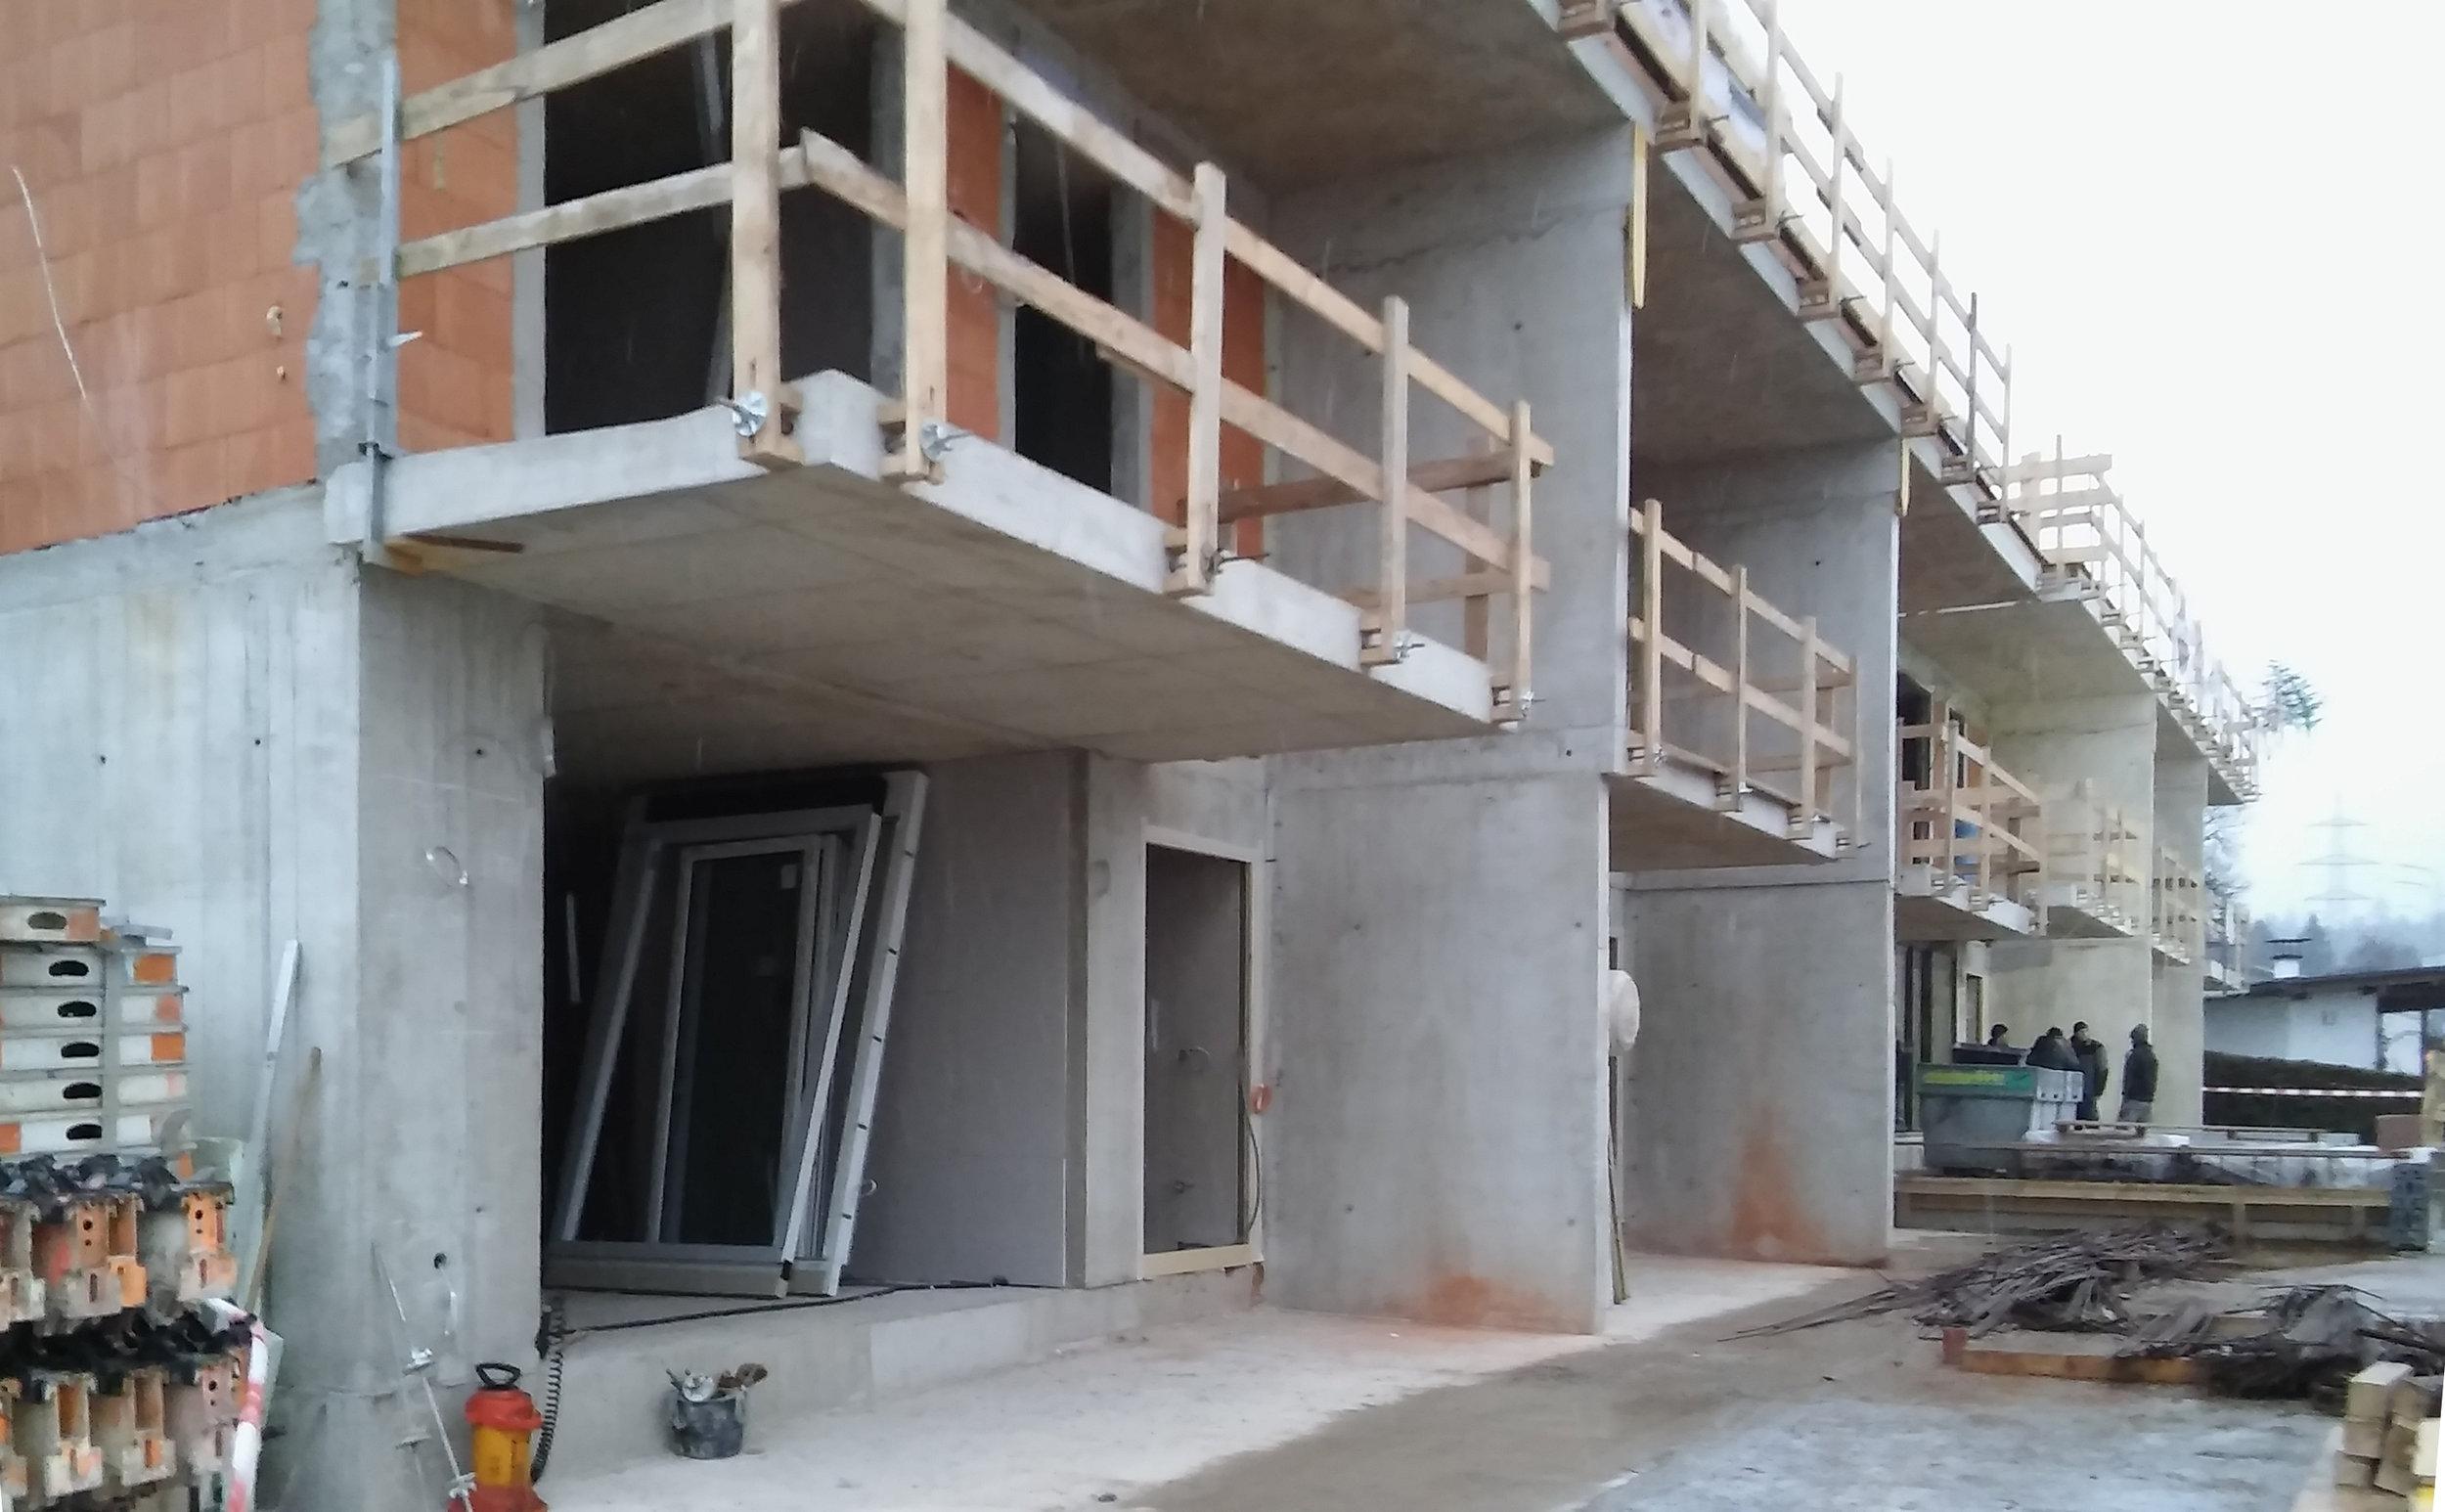 2017-11-29 Baustelle.jpg